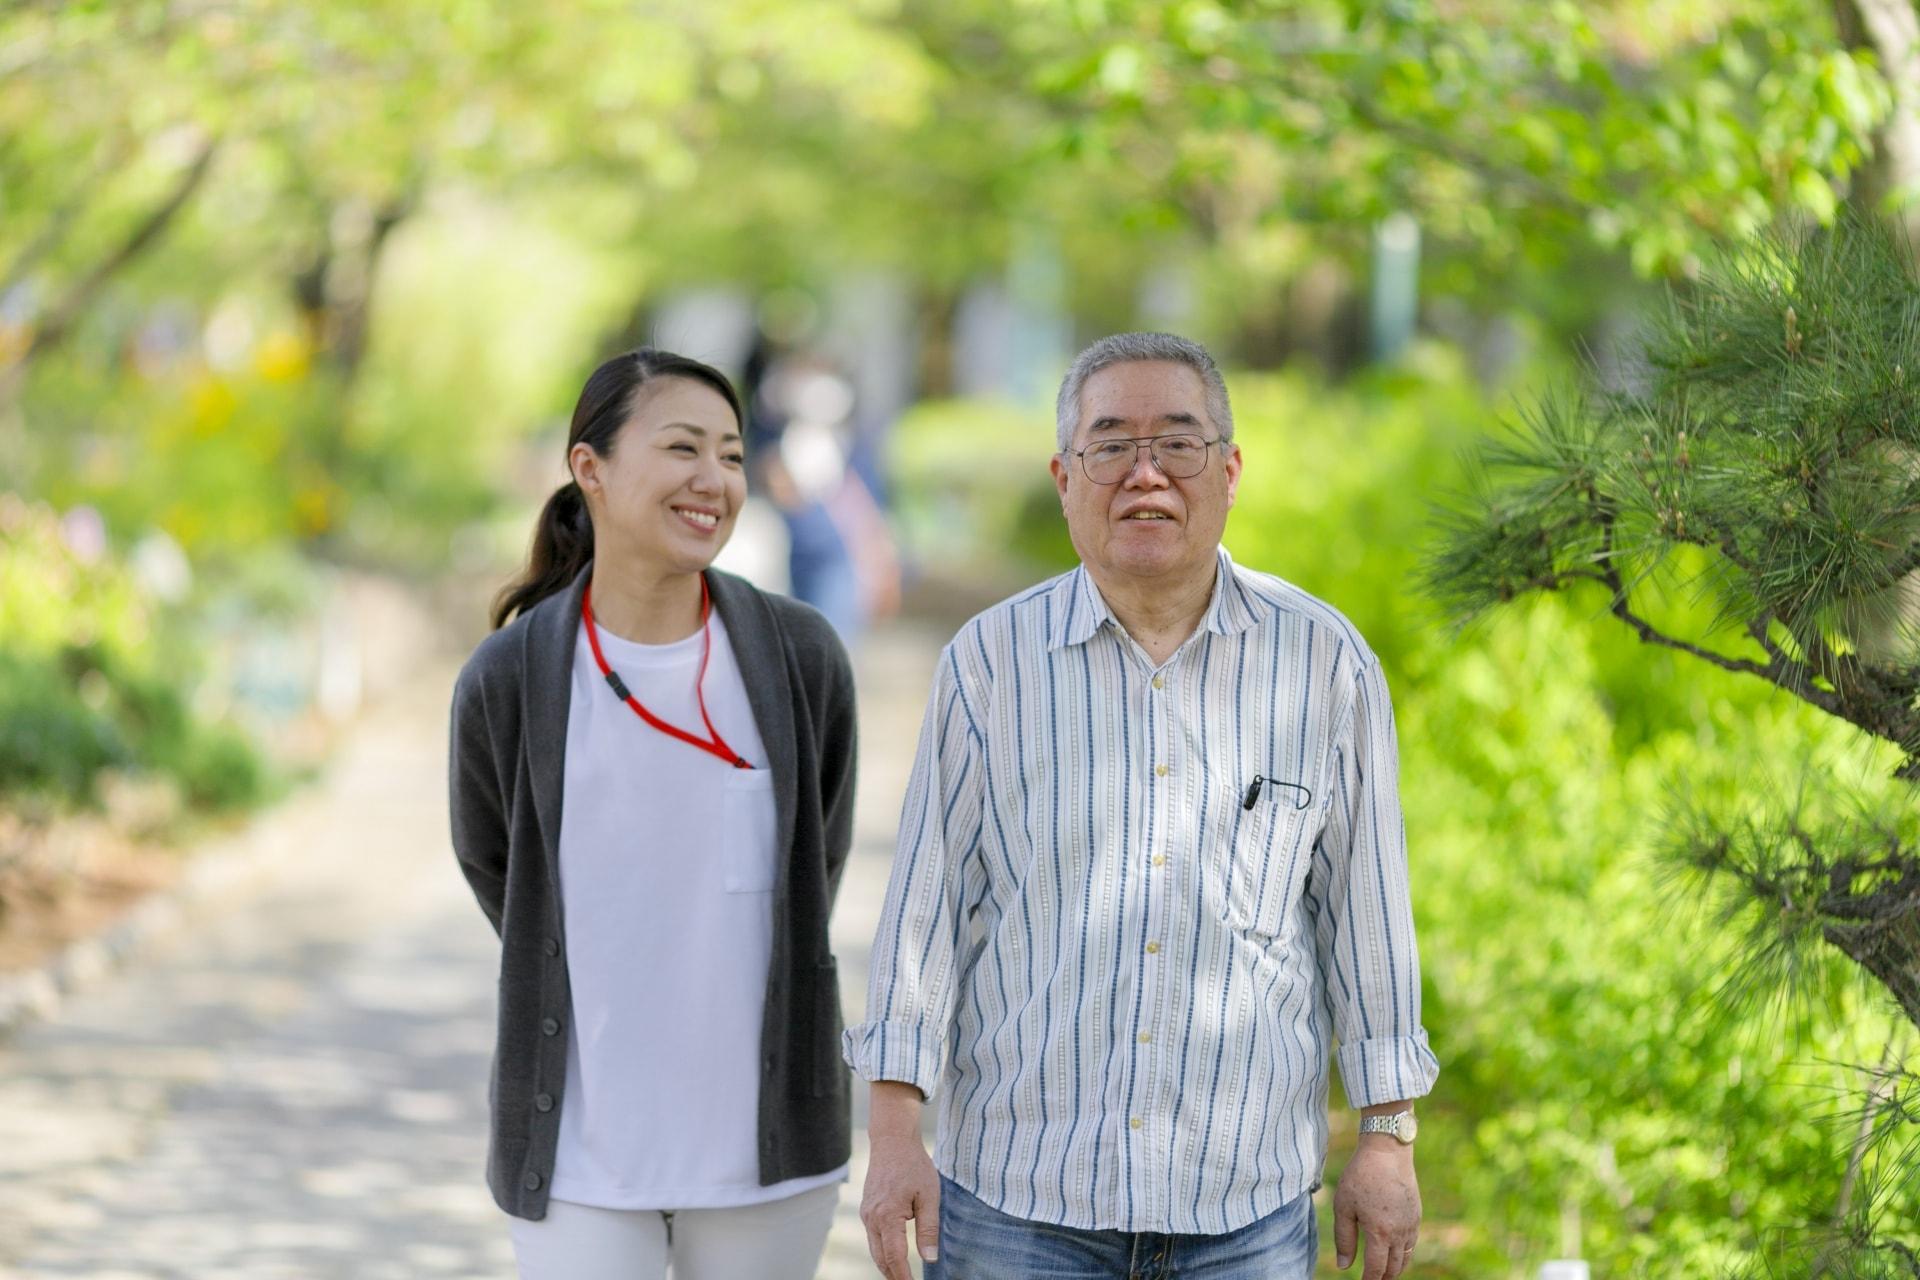 【個人年金保険】予定利率の高い個人年金保険を選ぶ